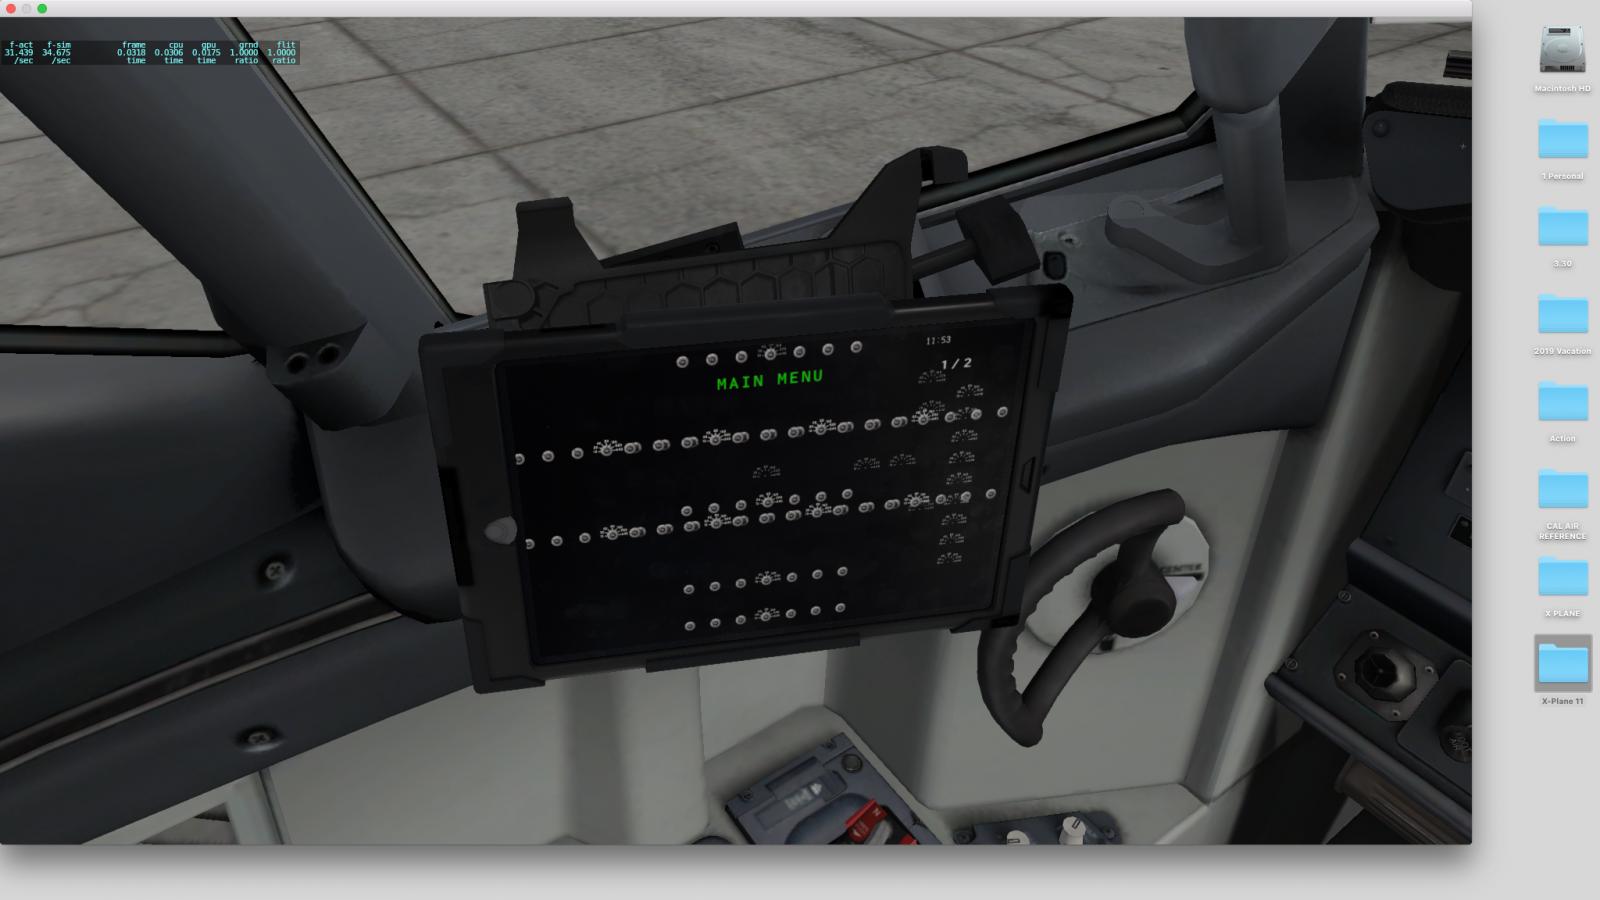 AviTab not working Zibo 737 Tablet - ZIBO B738-800 modified